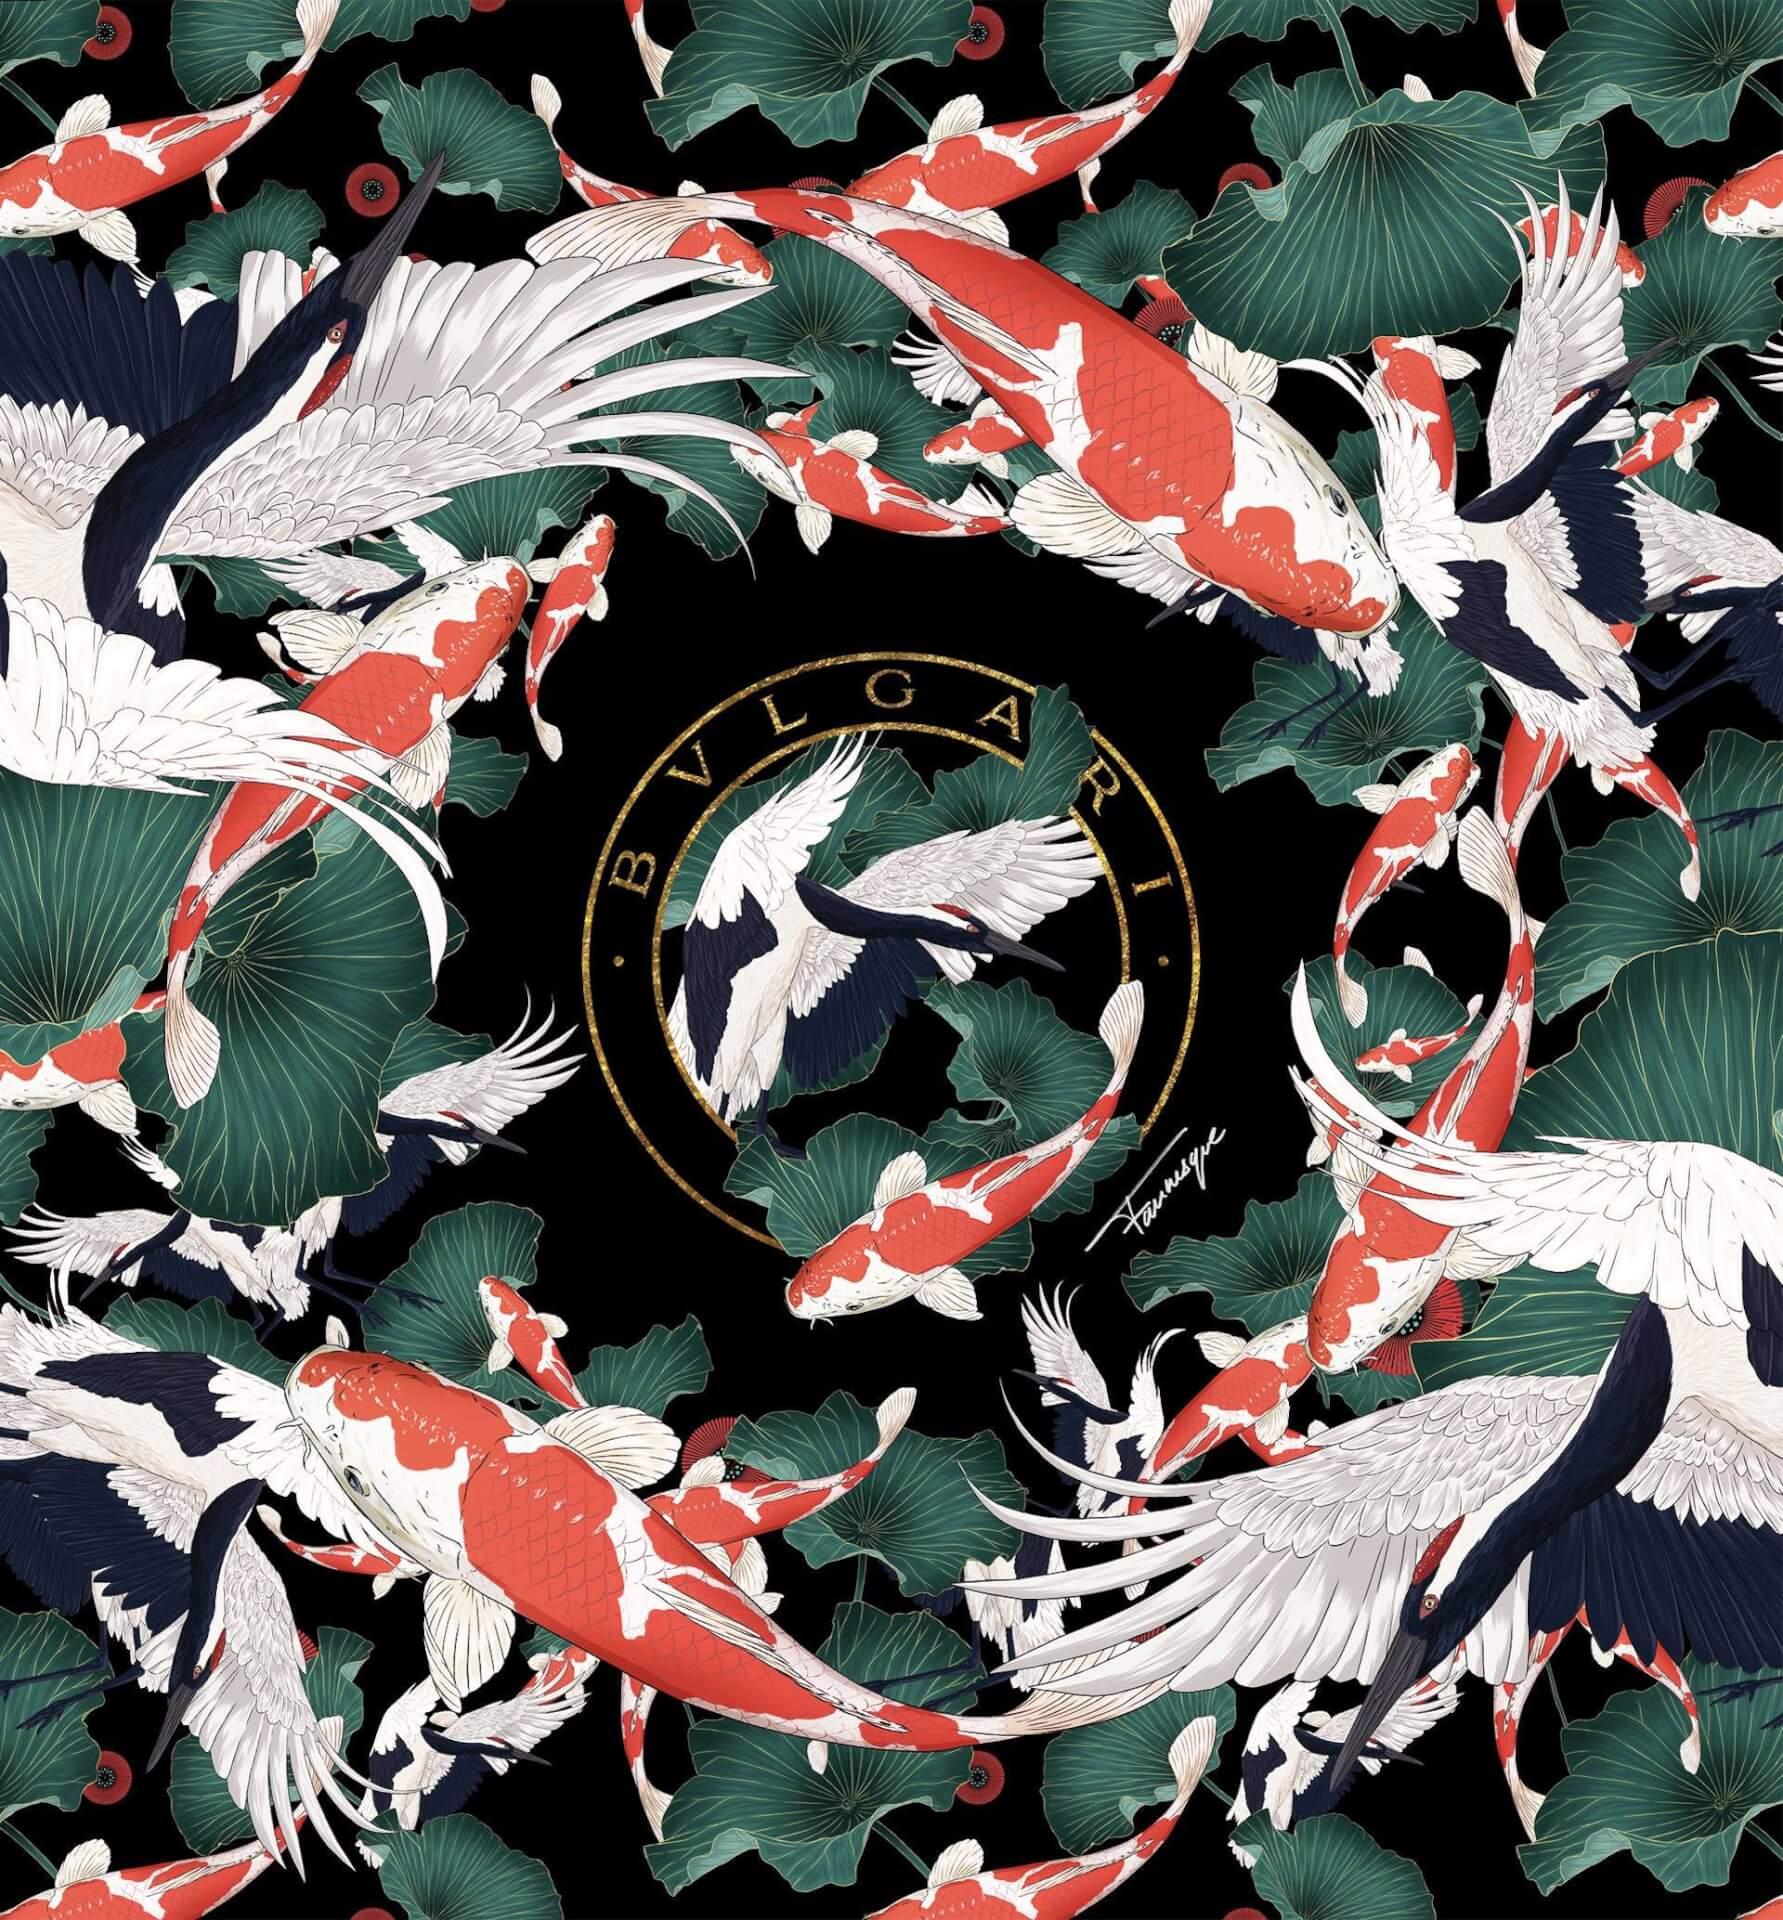 BVLGARIから腕時計「シティーズ限定モデル 2020」よりTOKYOモデルが先行発売決定!アートプリントが付属 lf200702_bvlgari_tokyowatch_06